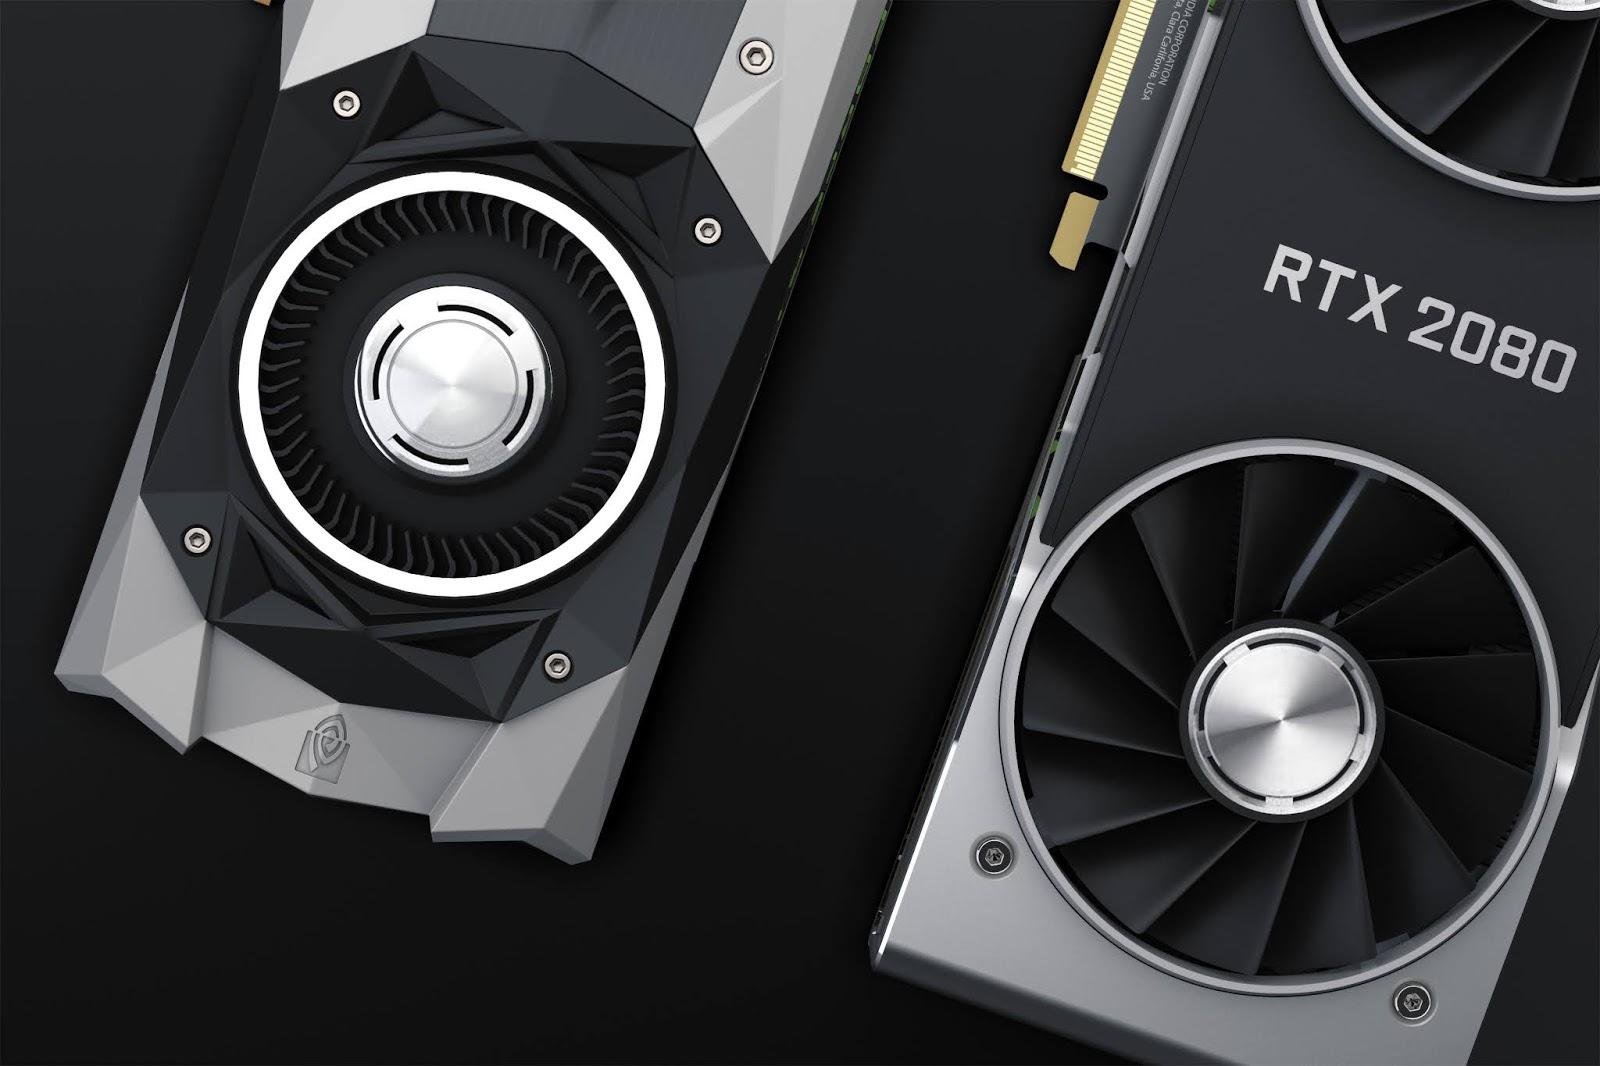 Nvidia 3080 Ti RTX Super